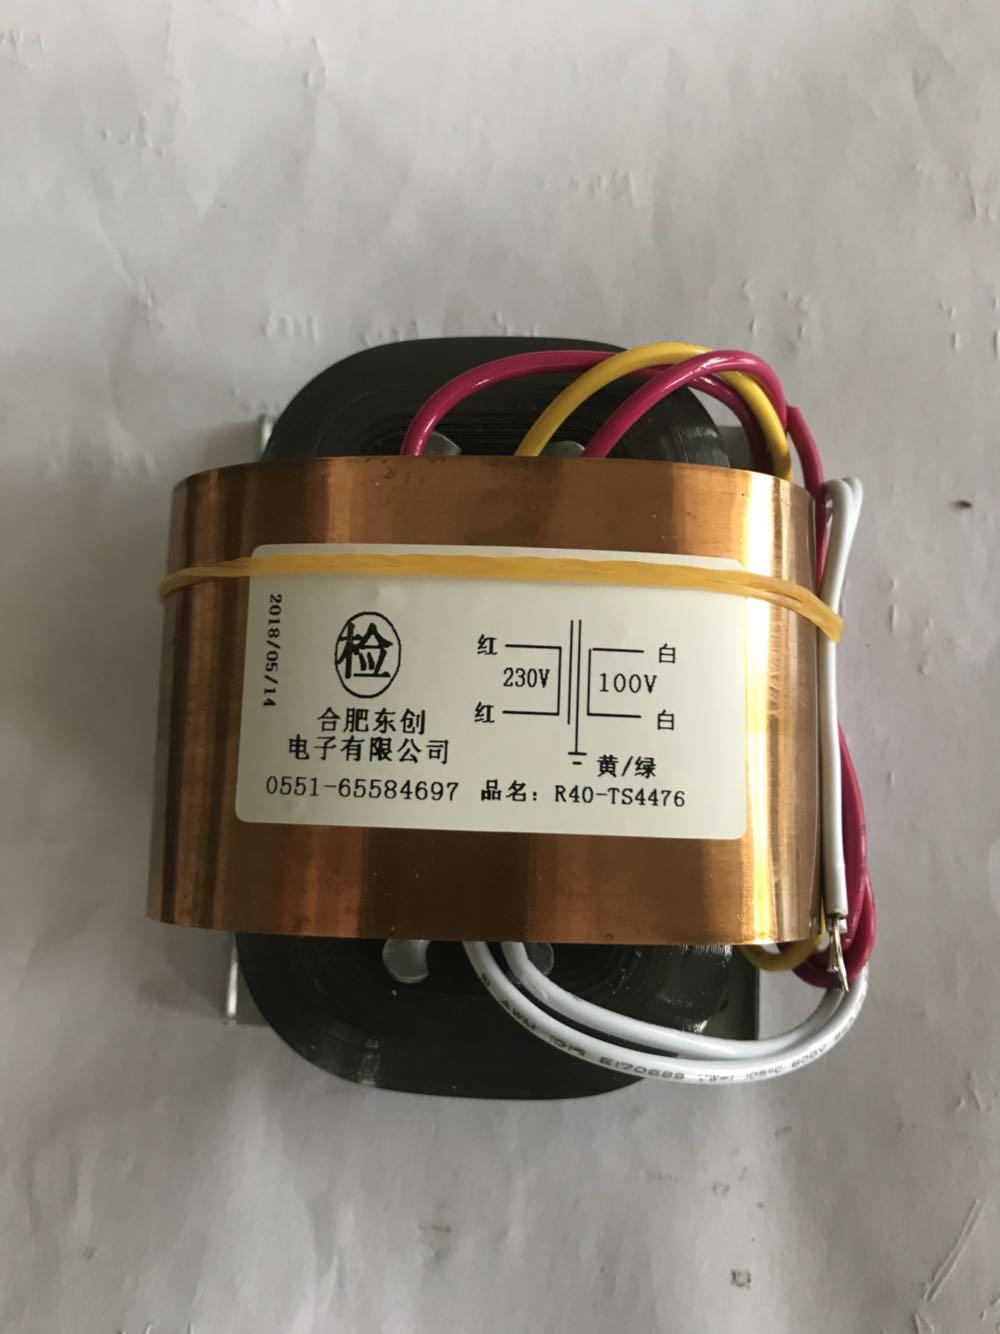 100V 0 5A R Core Transformer 50VA R40 custom transformer 230V copper shield output for Pre